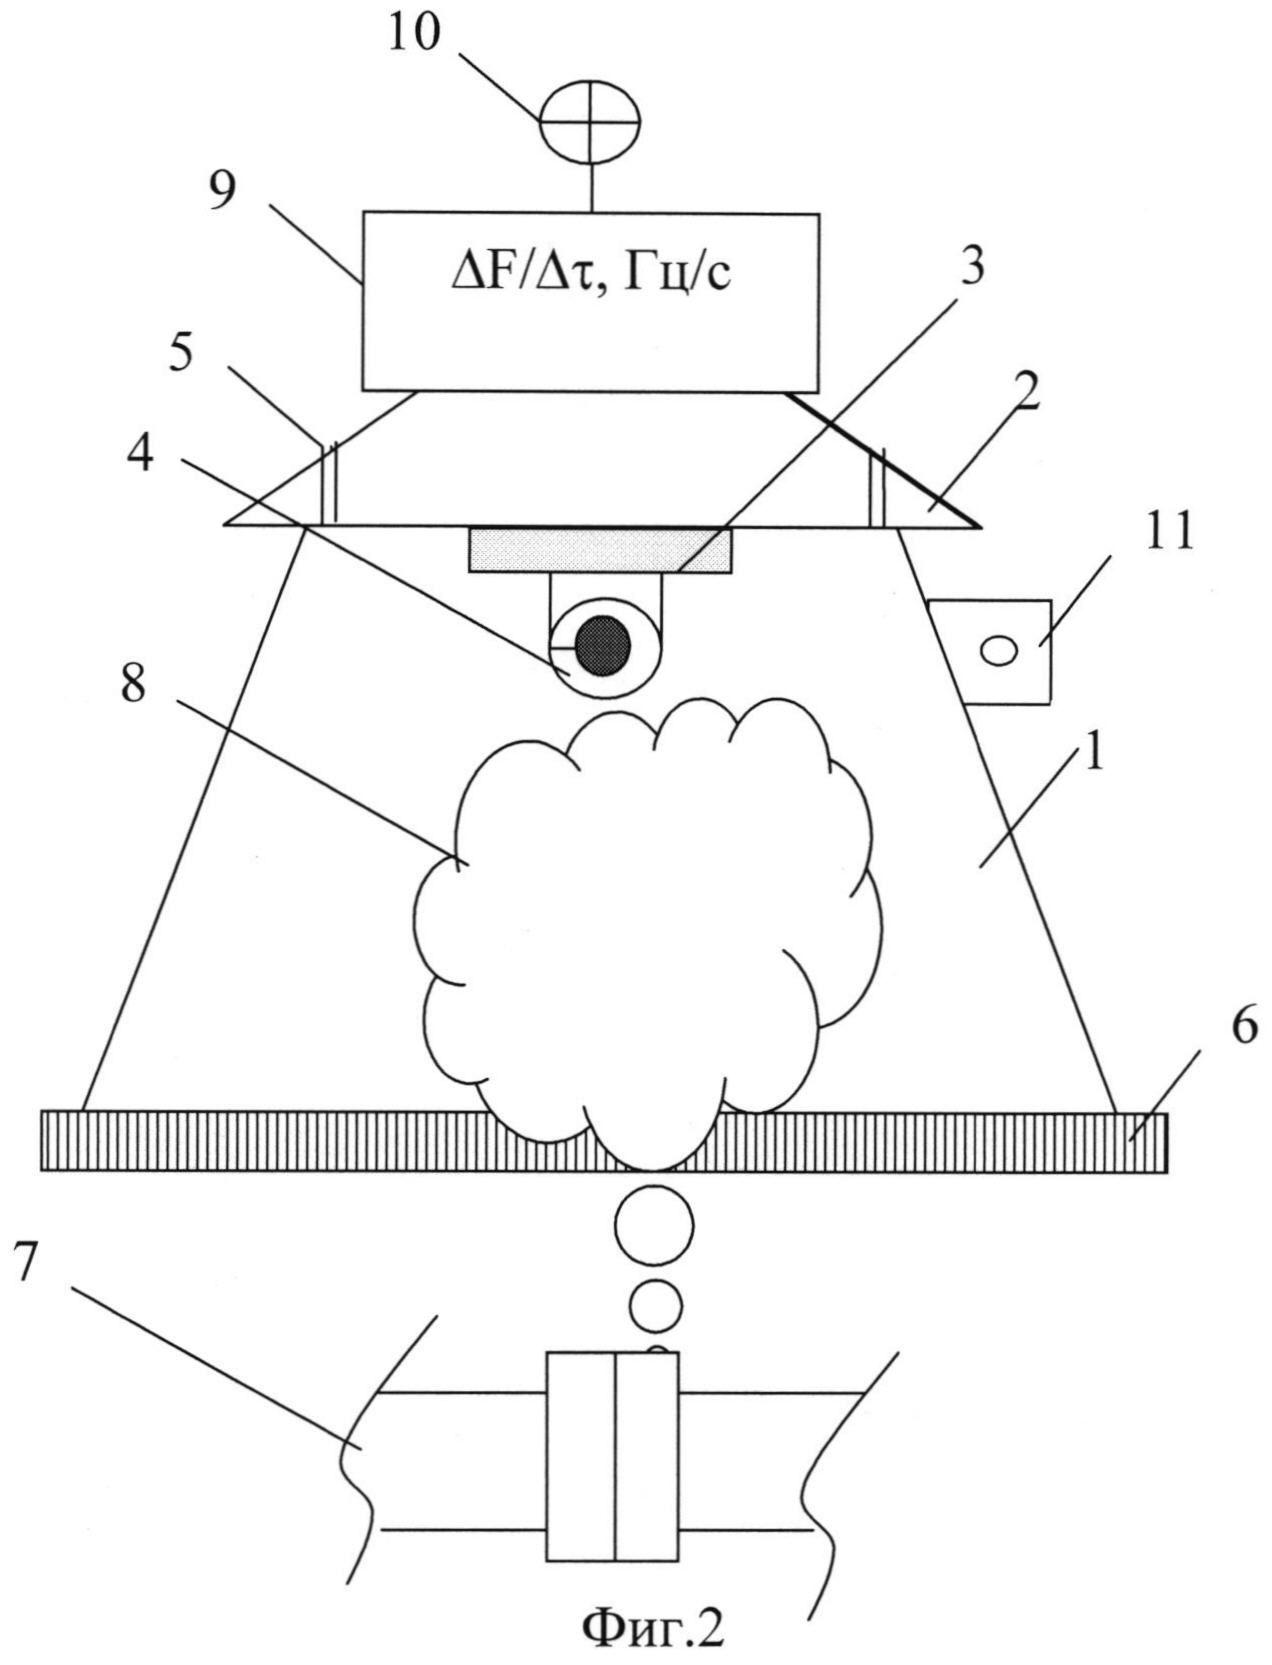 Устройство для определения утечек взрывоопасных жидкостей на основе пьезосенсора